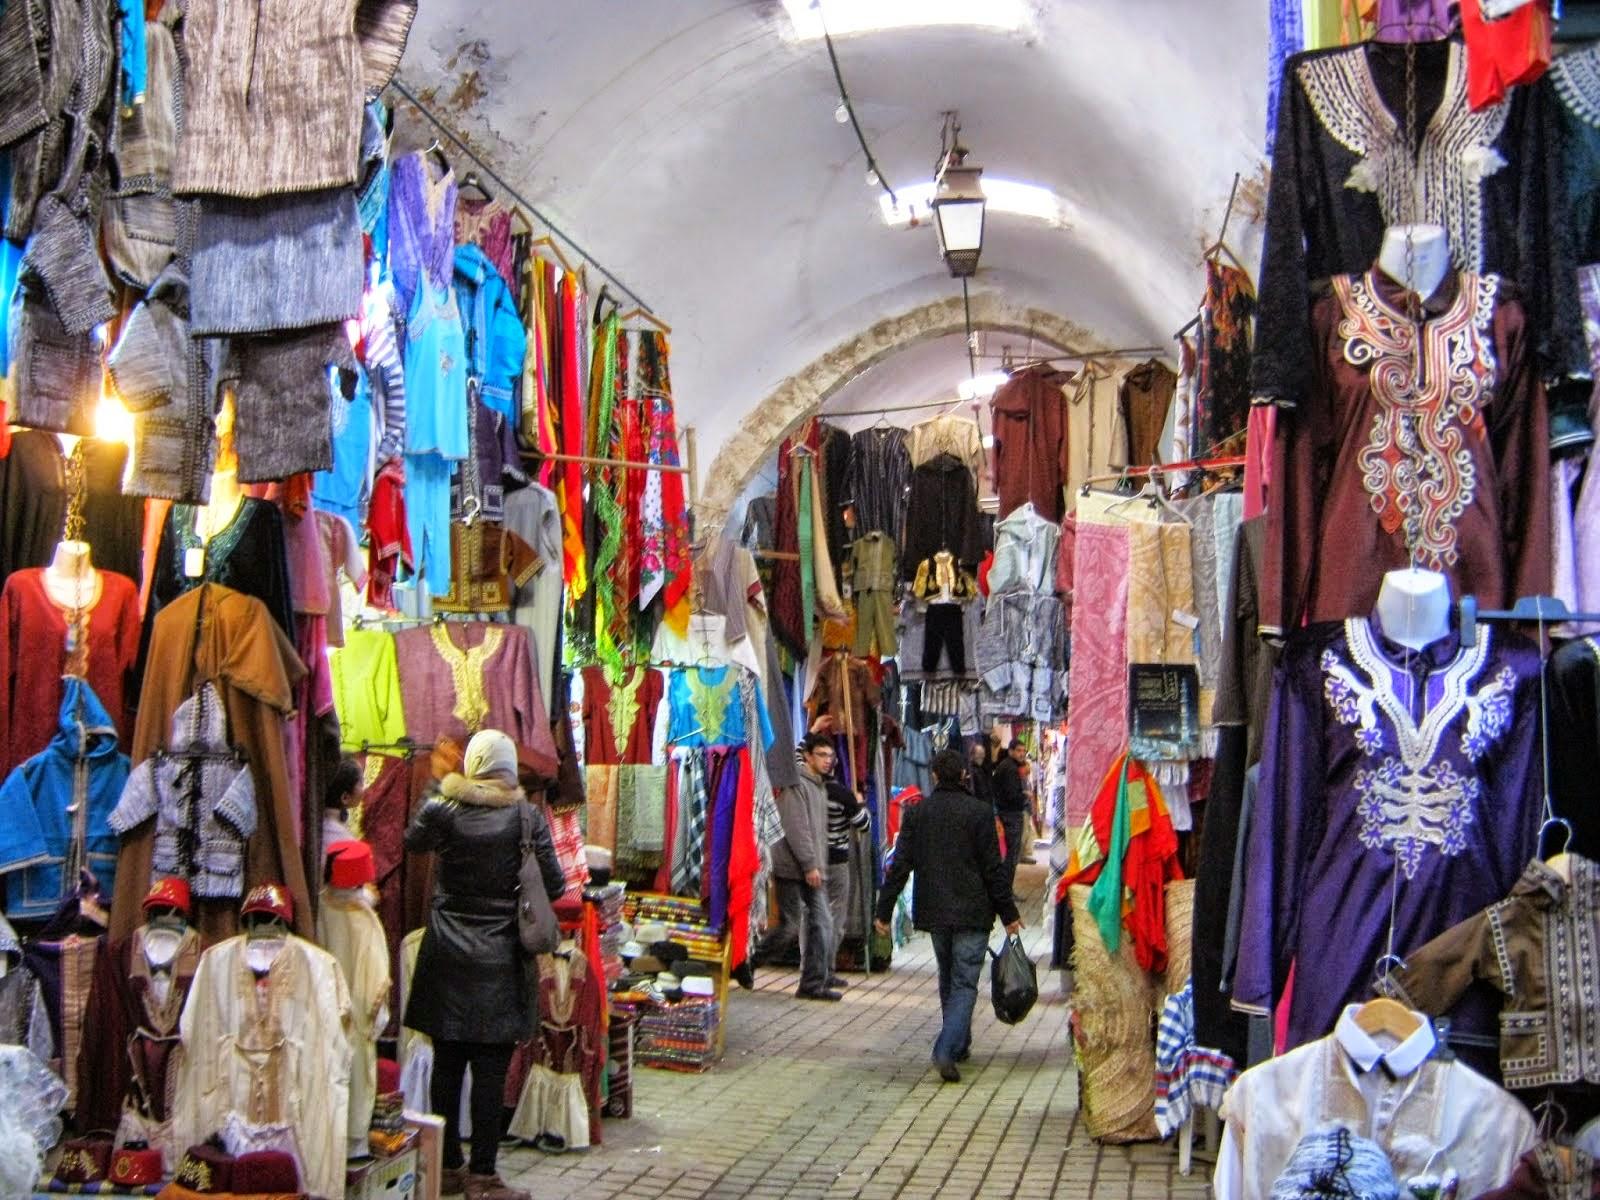 Grosir Baju Murah Pasar Tanah Abang | Pasar Grosir Tanah Abang Jakarta